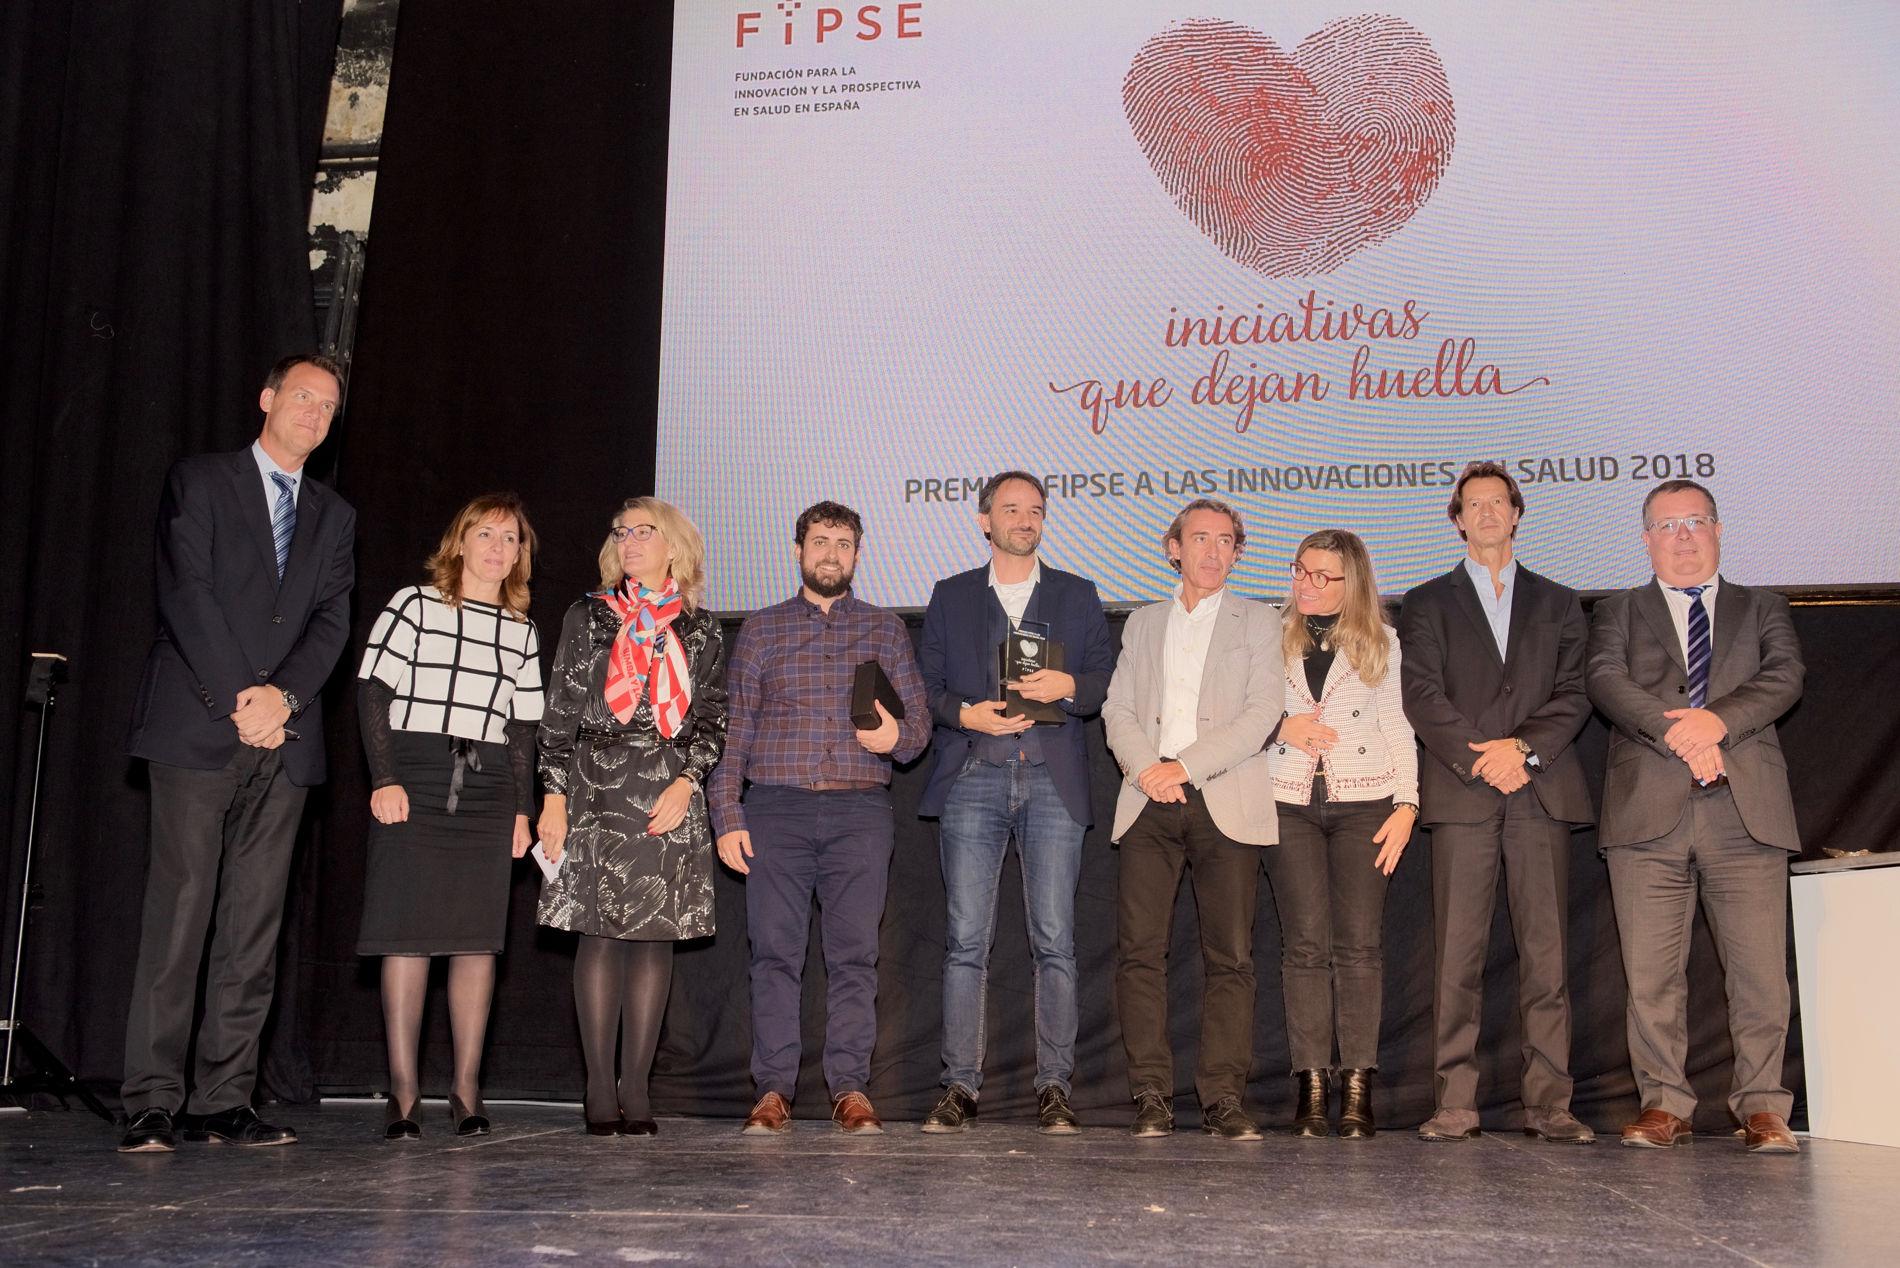 Los Premios FIPSE 2018 de Innovación en Salud ya tienen ganadores